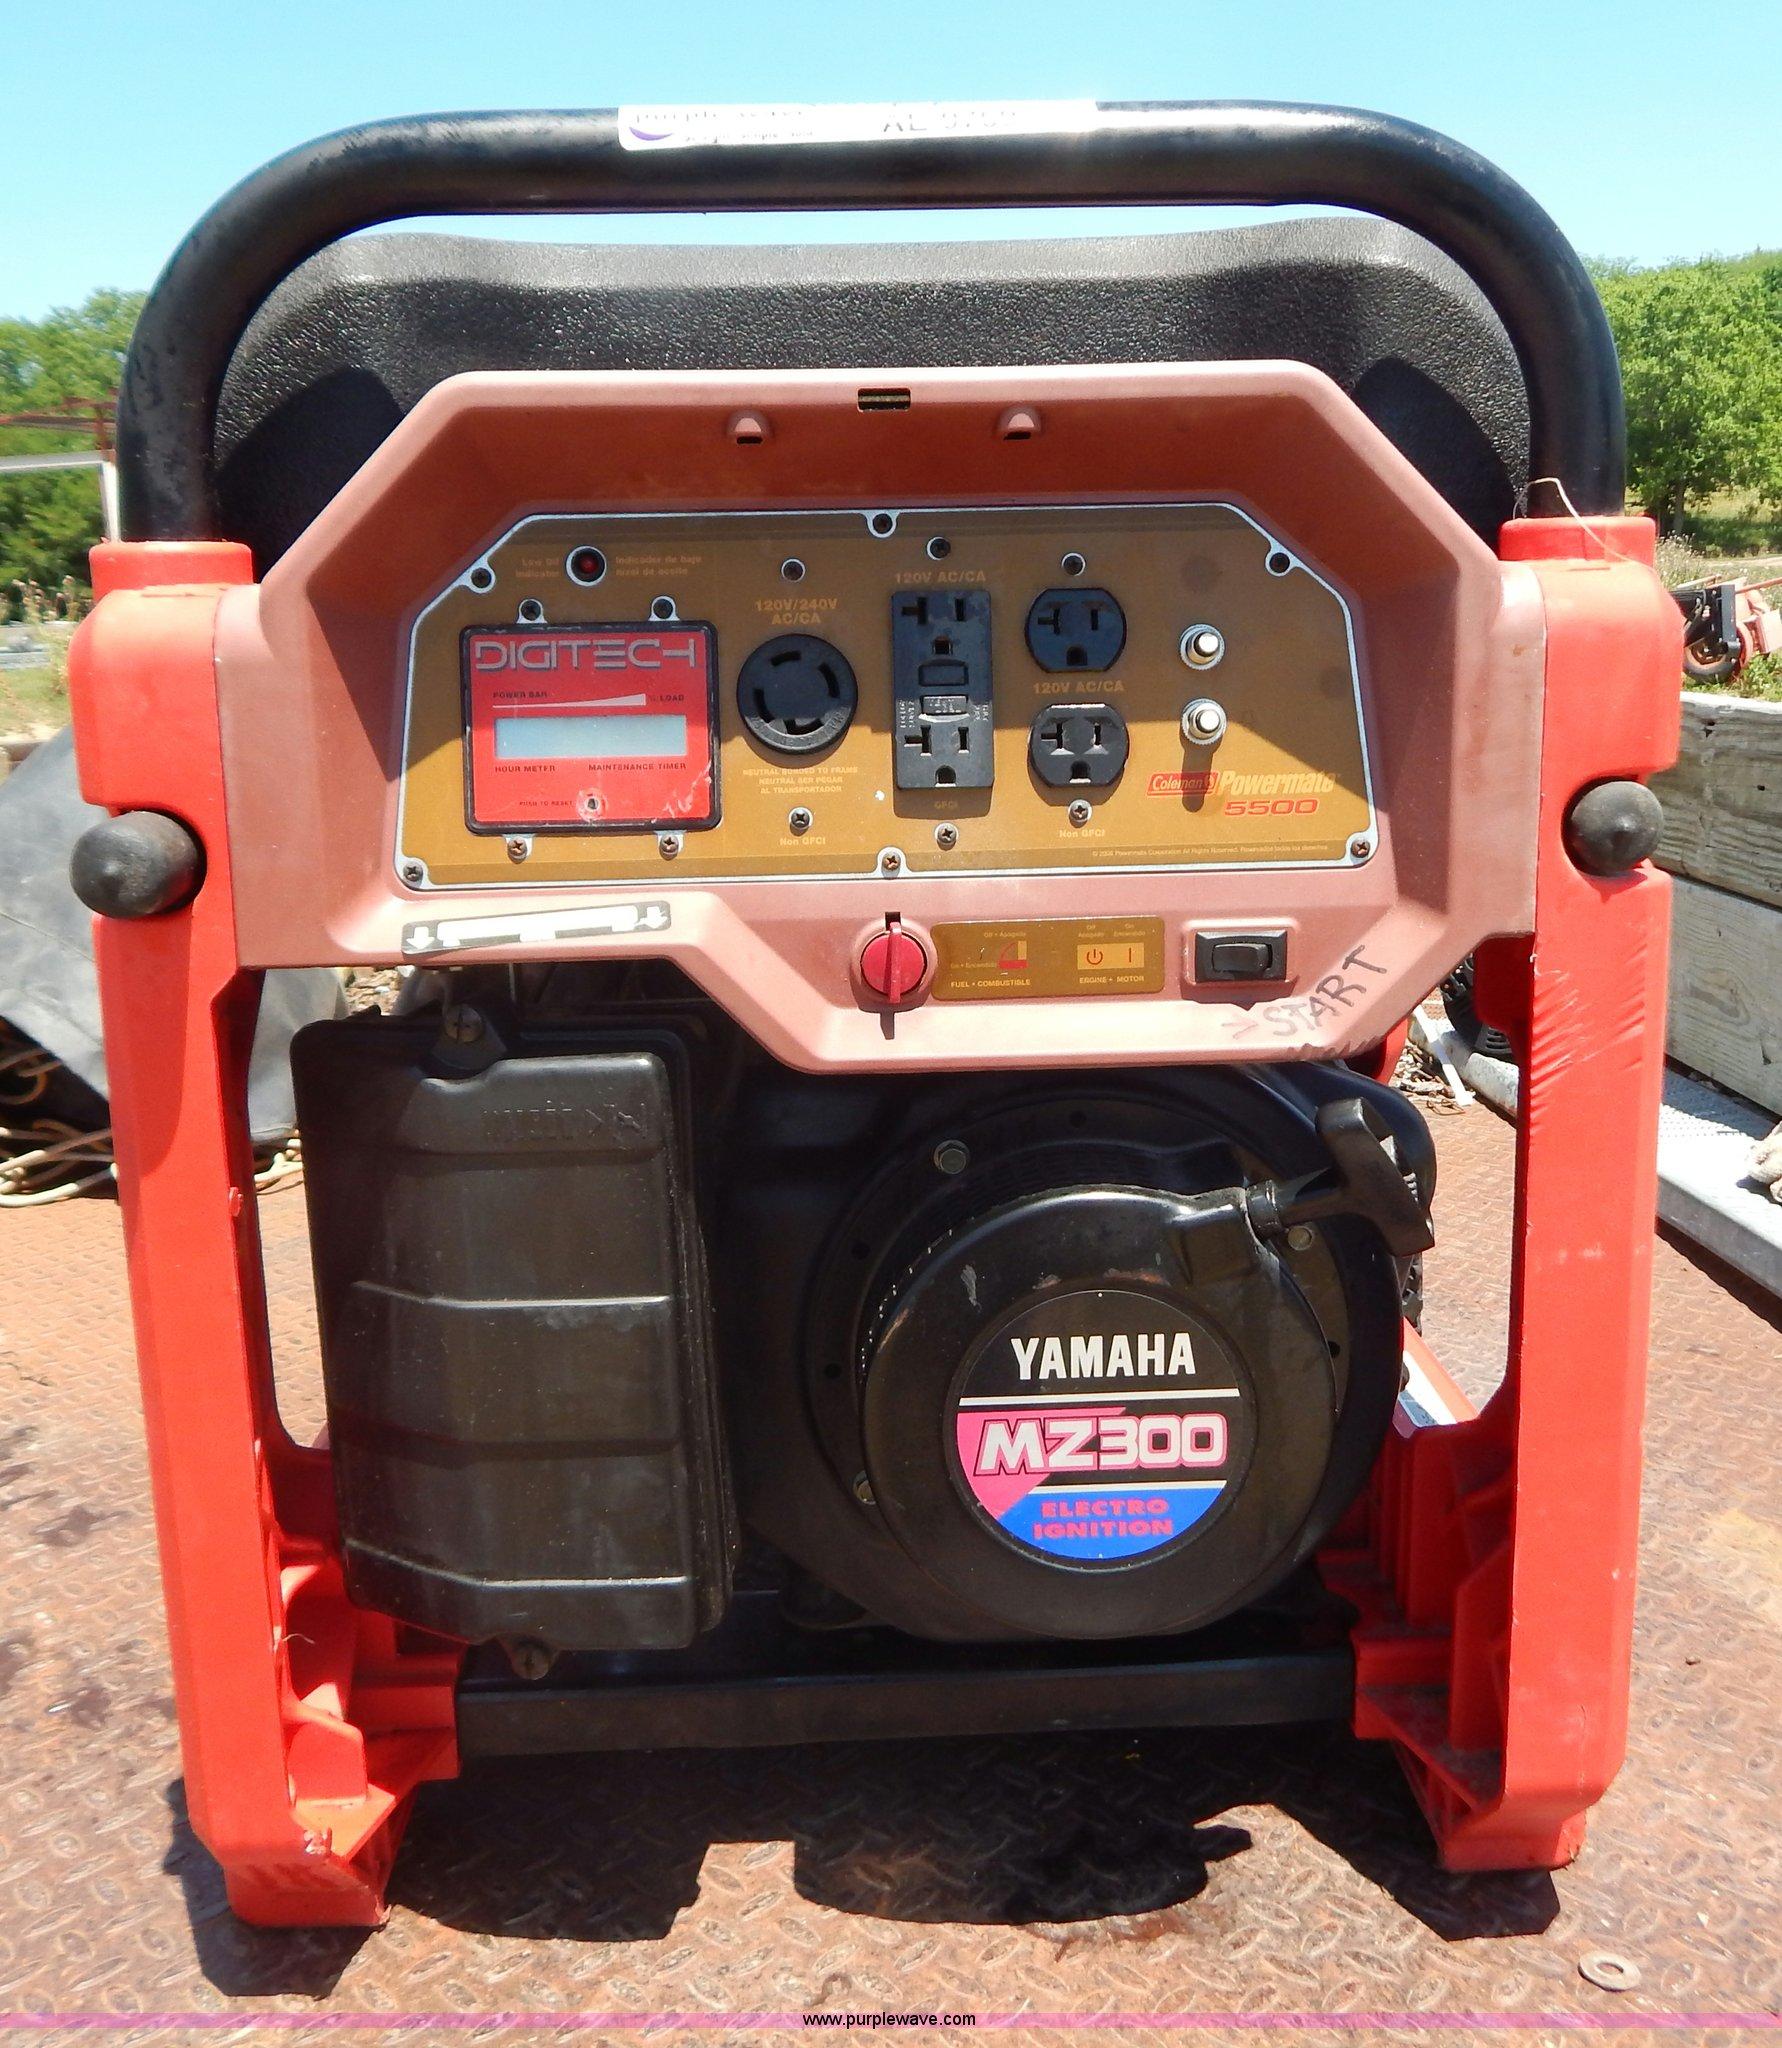 Coleman PowerMate 5,500 watt generator | Item AE9769 | SOLD!